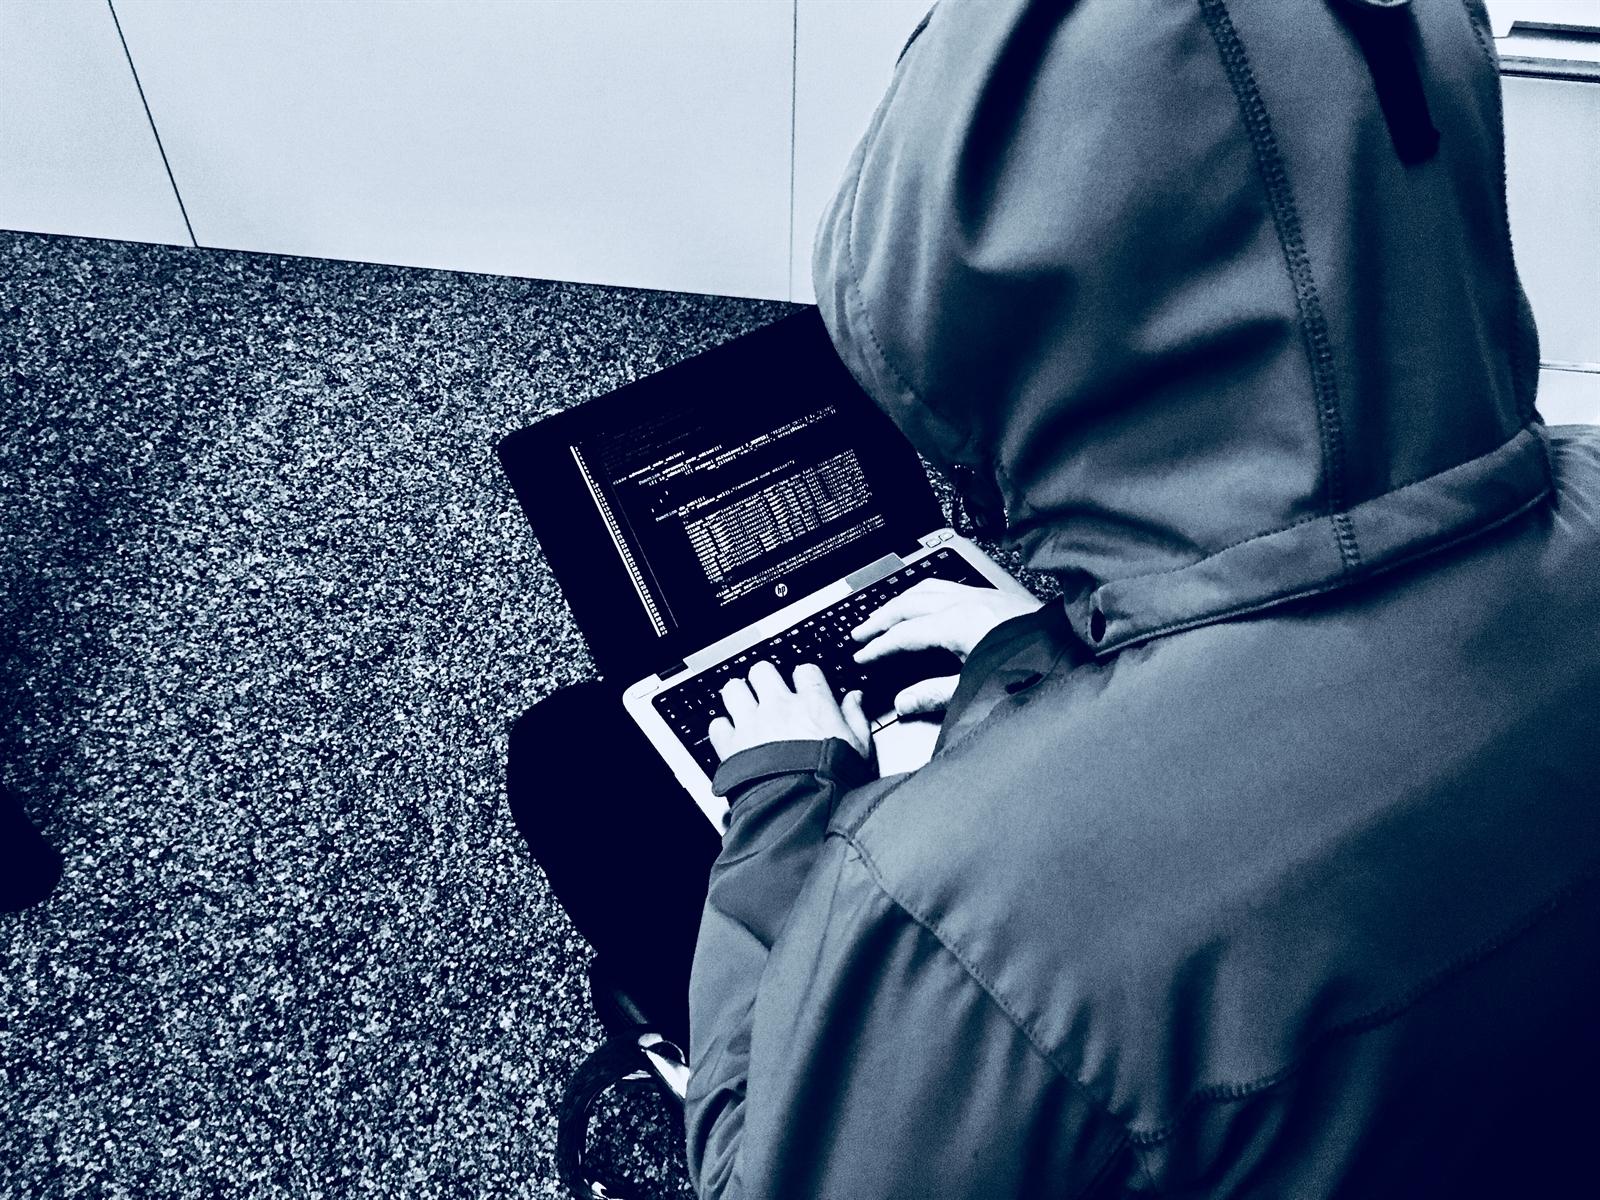 Graubünden: Warnung vor Verschlüsselungs-Trojanern